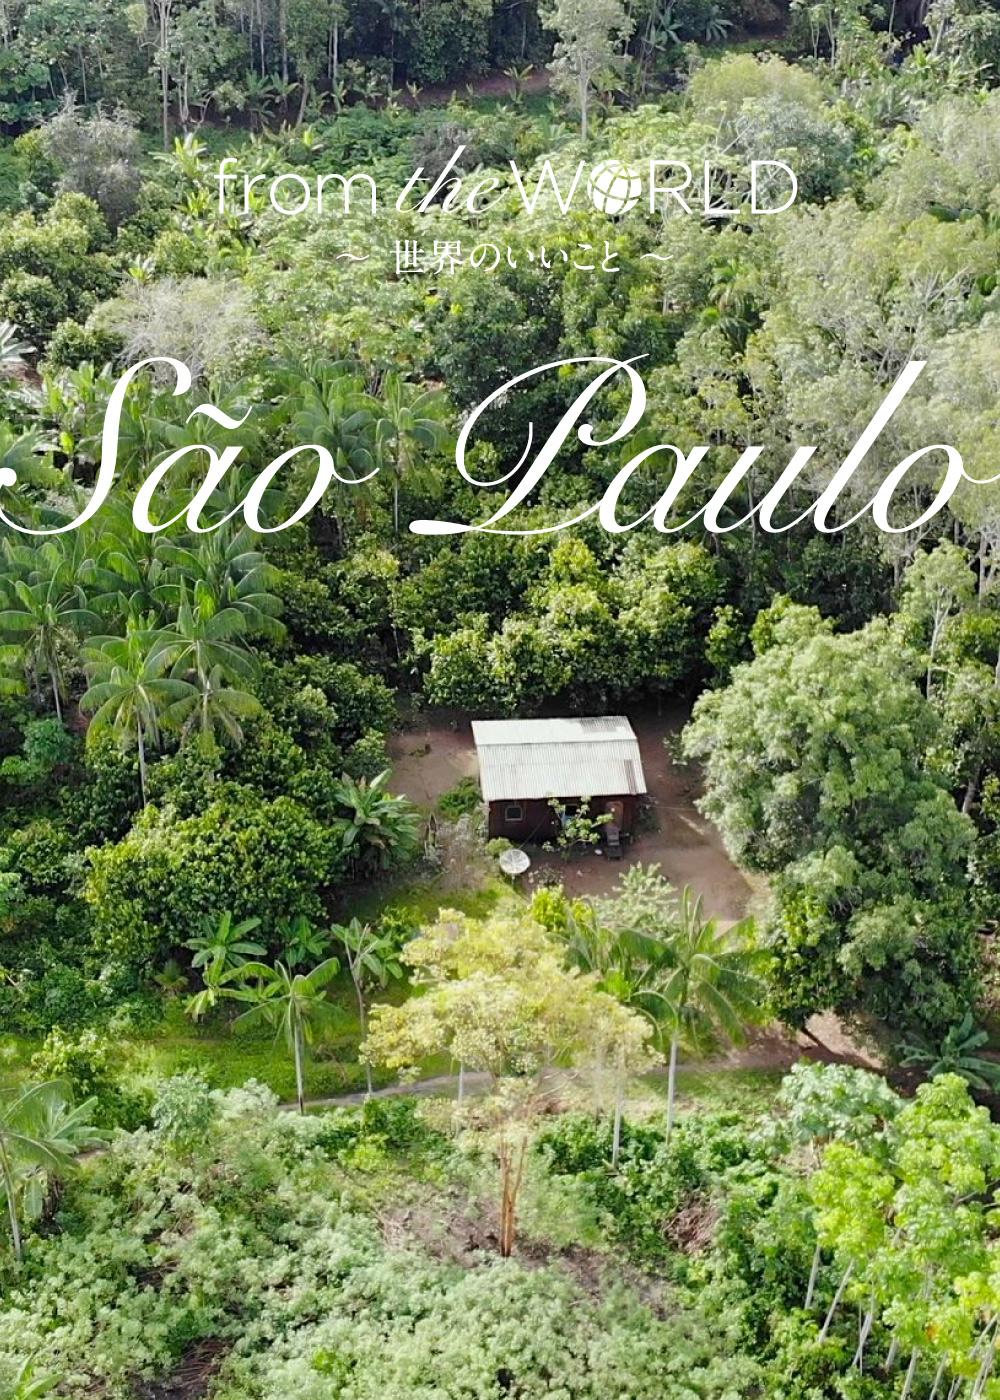 アマゾン熱帯雨林とのサステナブルな共栄をめざして